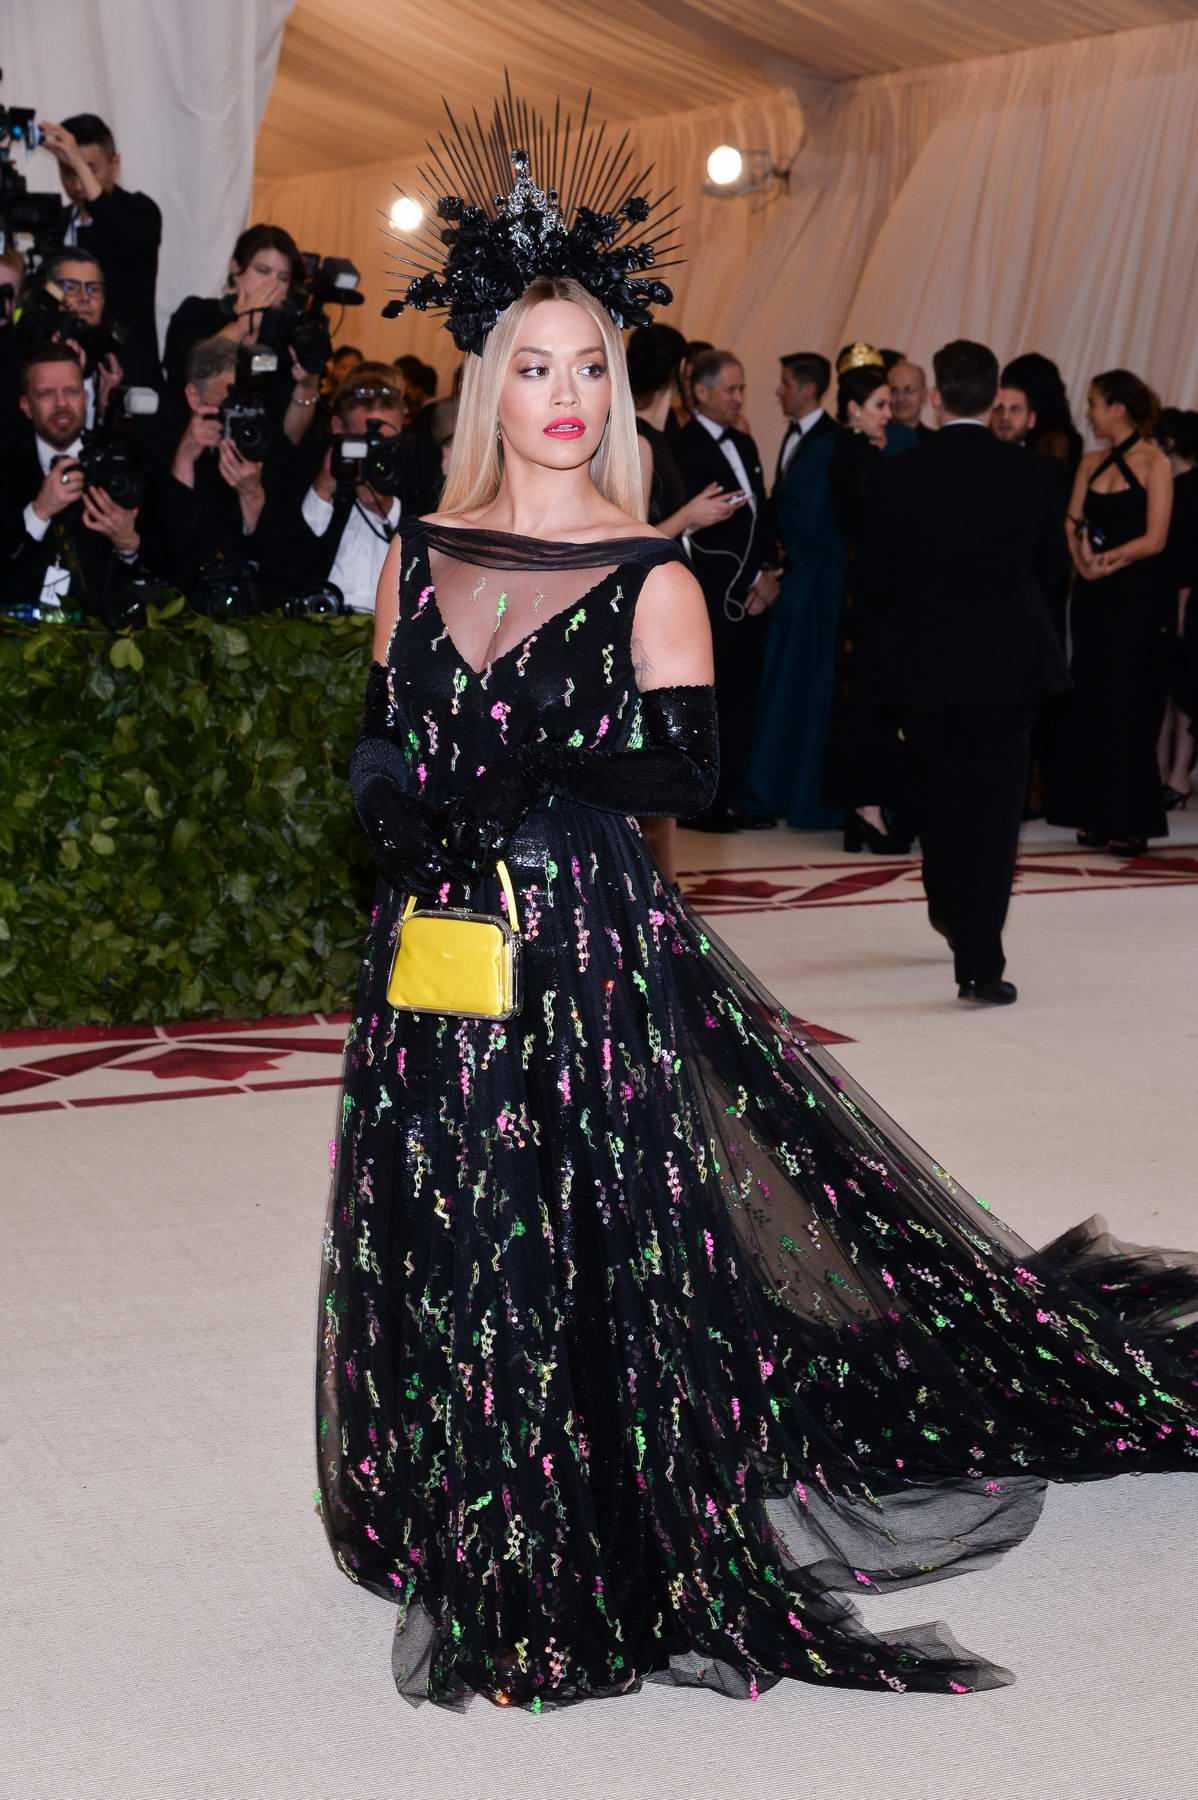 Rita Ora attends The Costume Institute Benefit Gala (MET Gala 2018) at Metropolitan Museum of Art in New York City